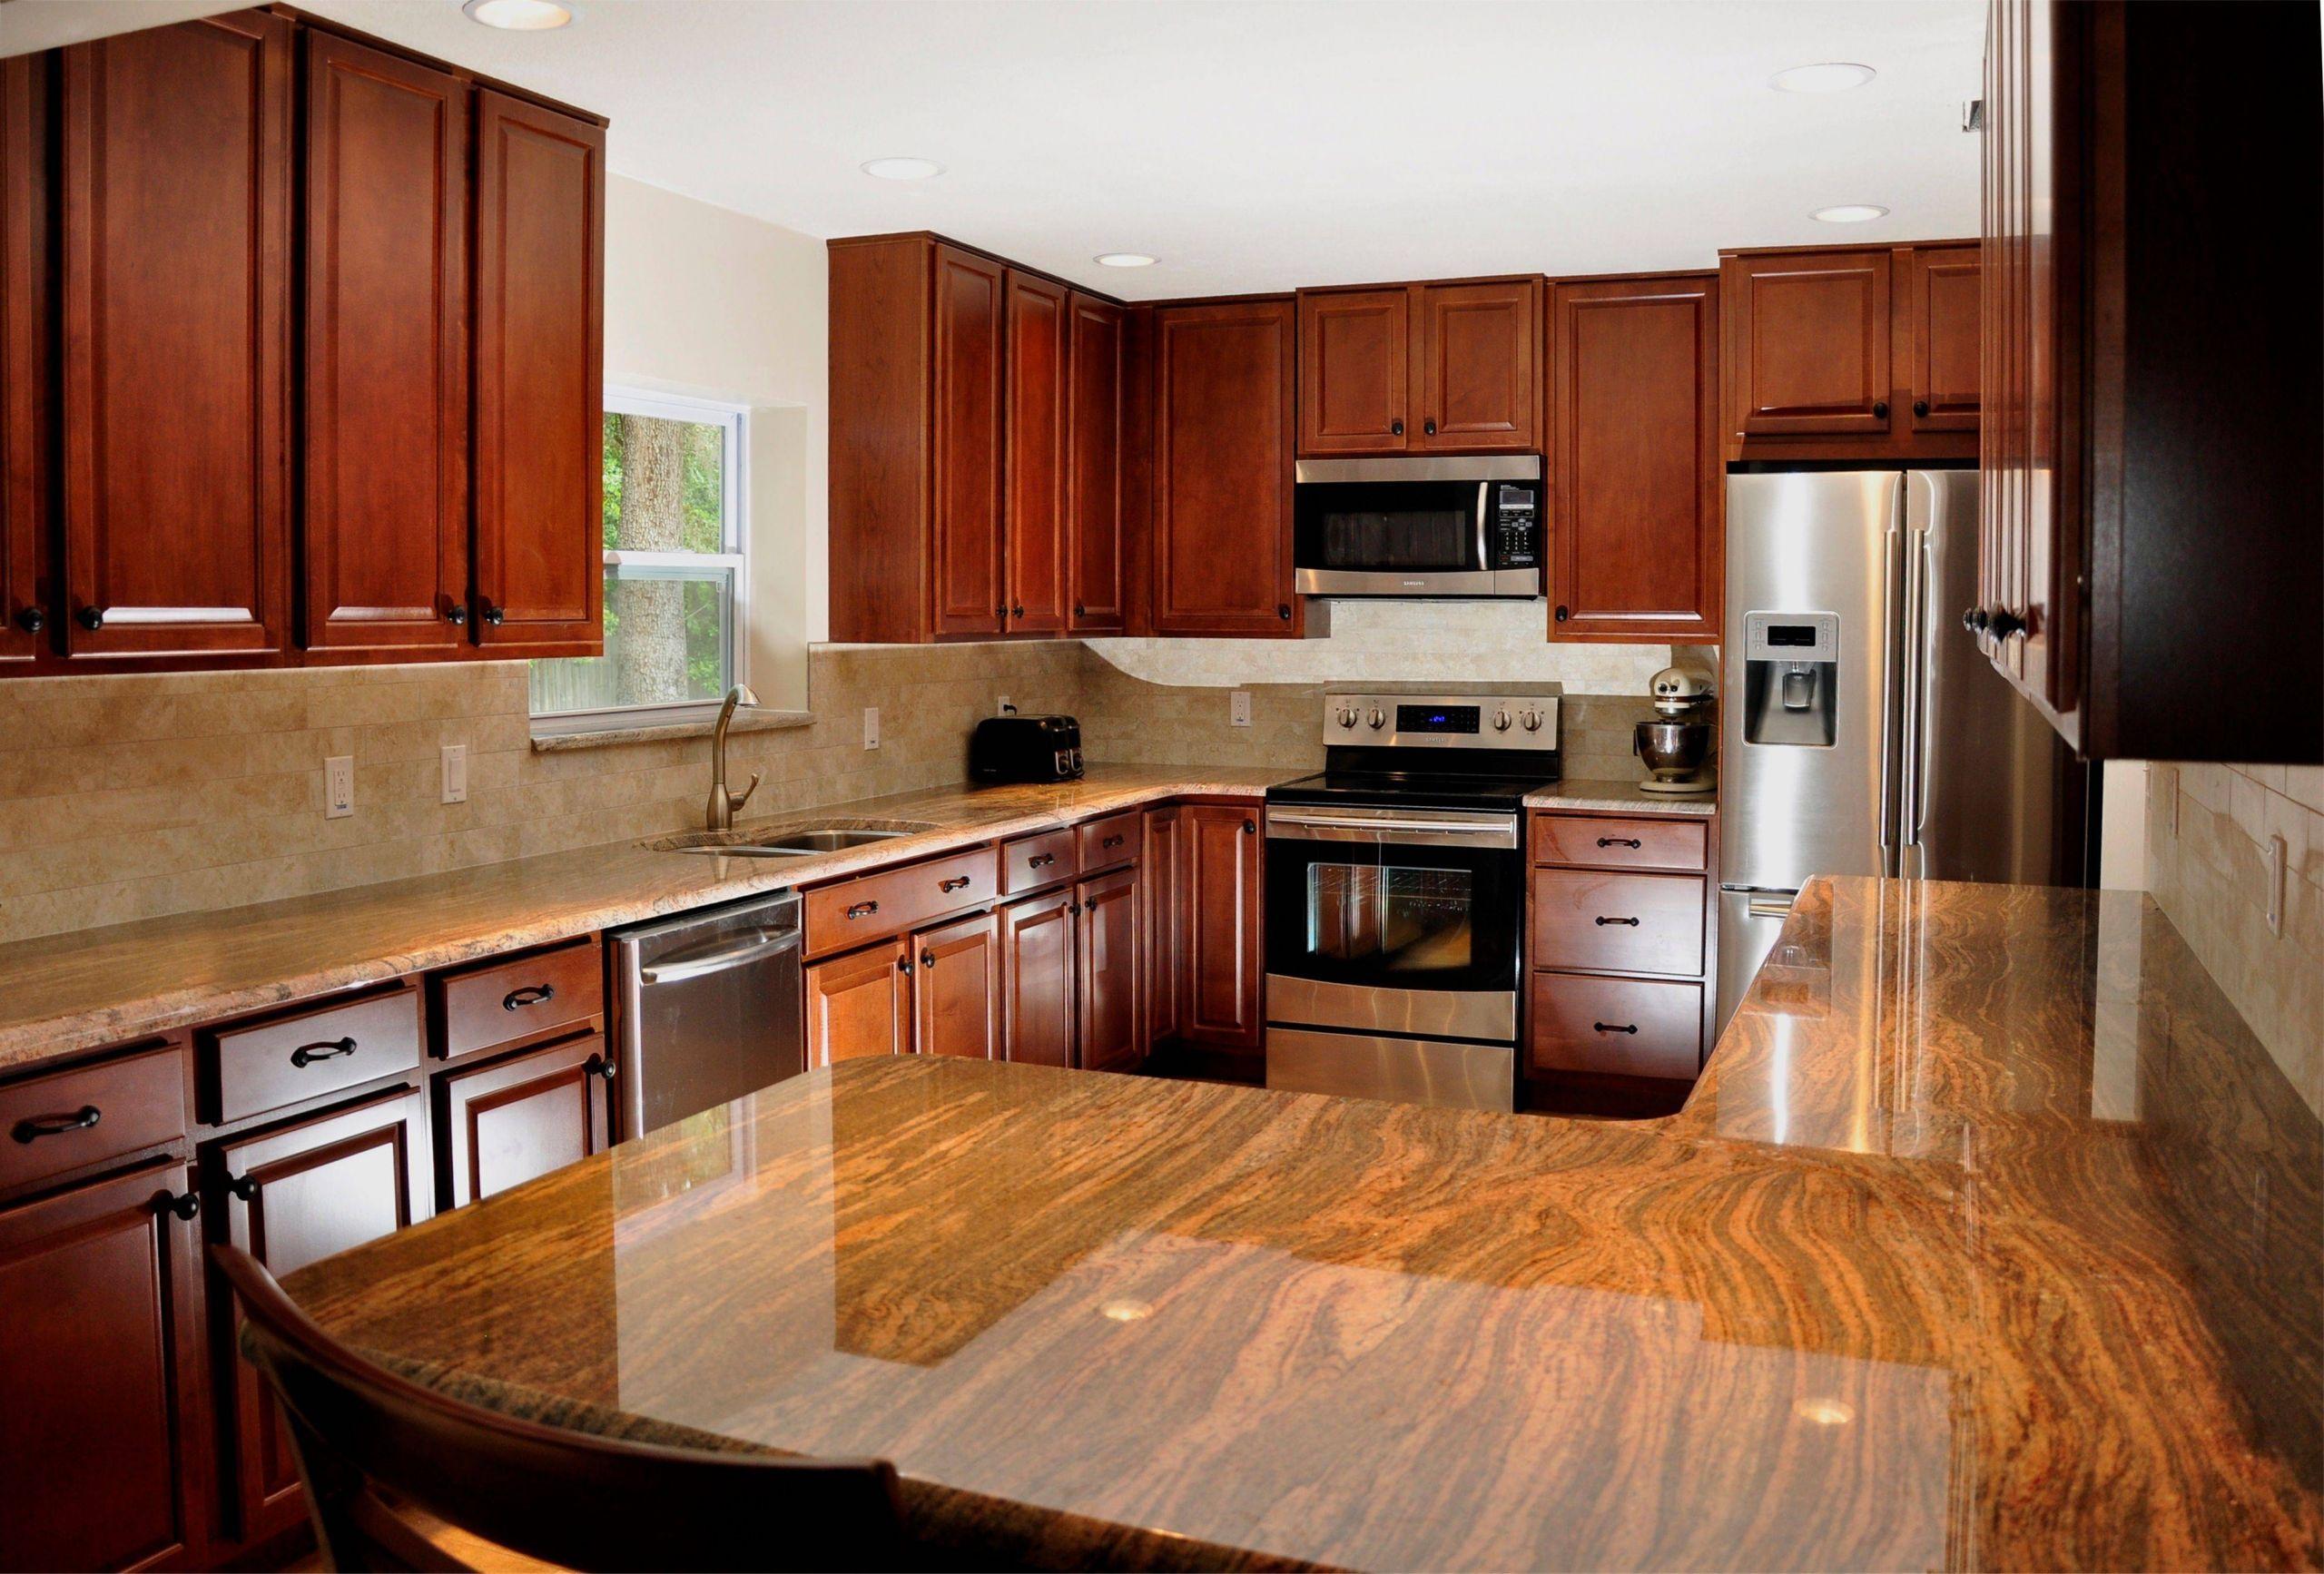 Vintage Cherry Kitchen Decor BuildingDesign HomeDesign